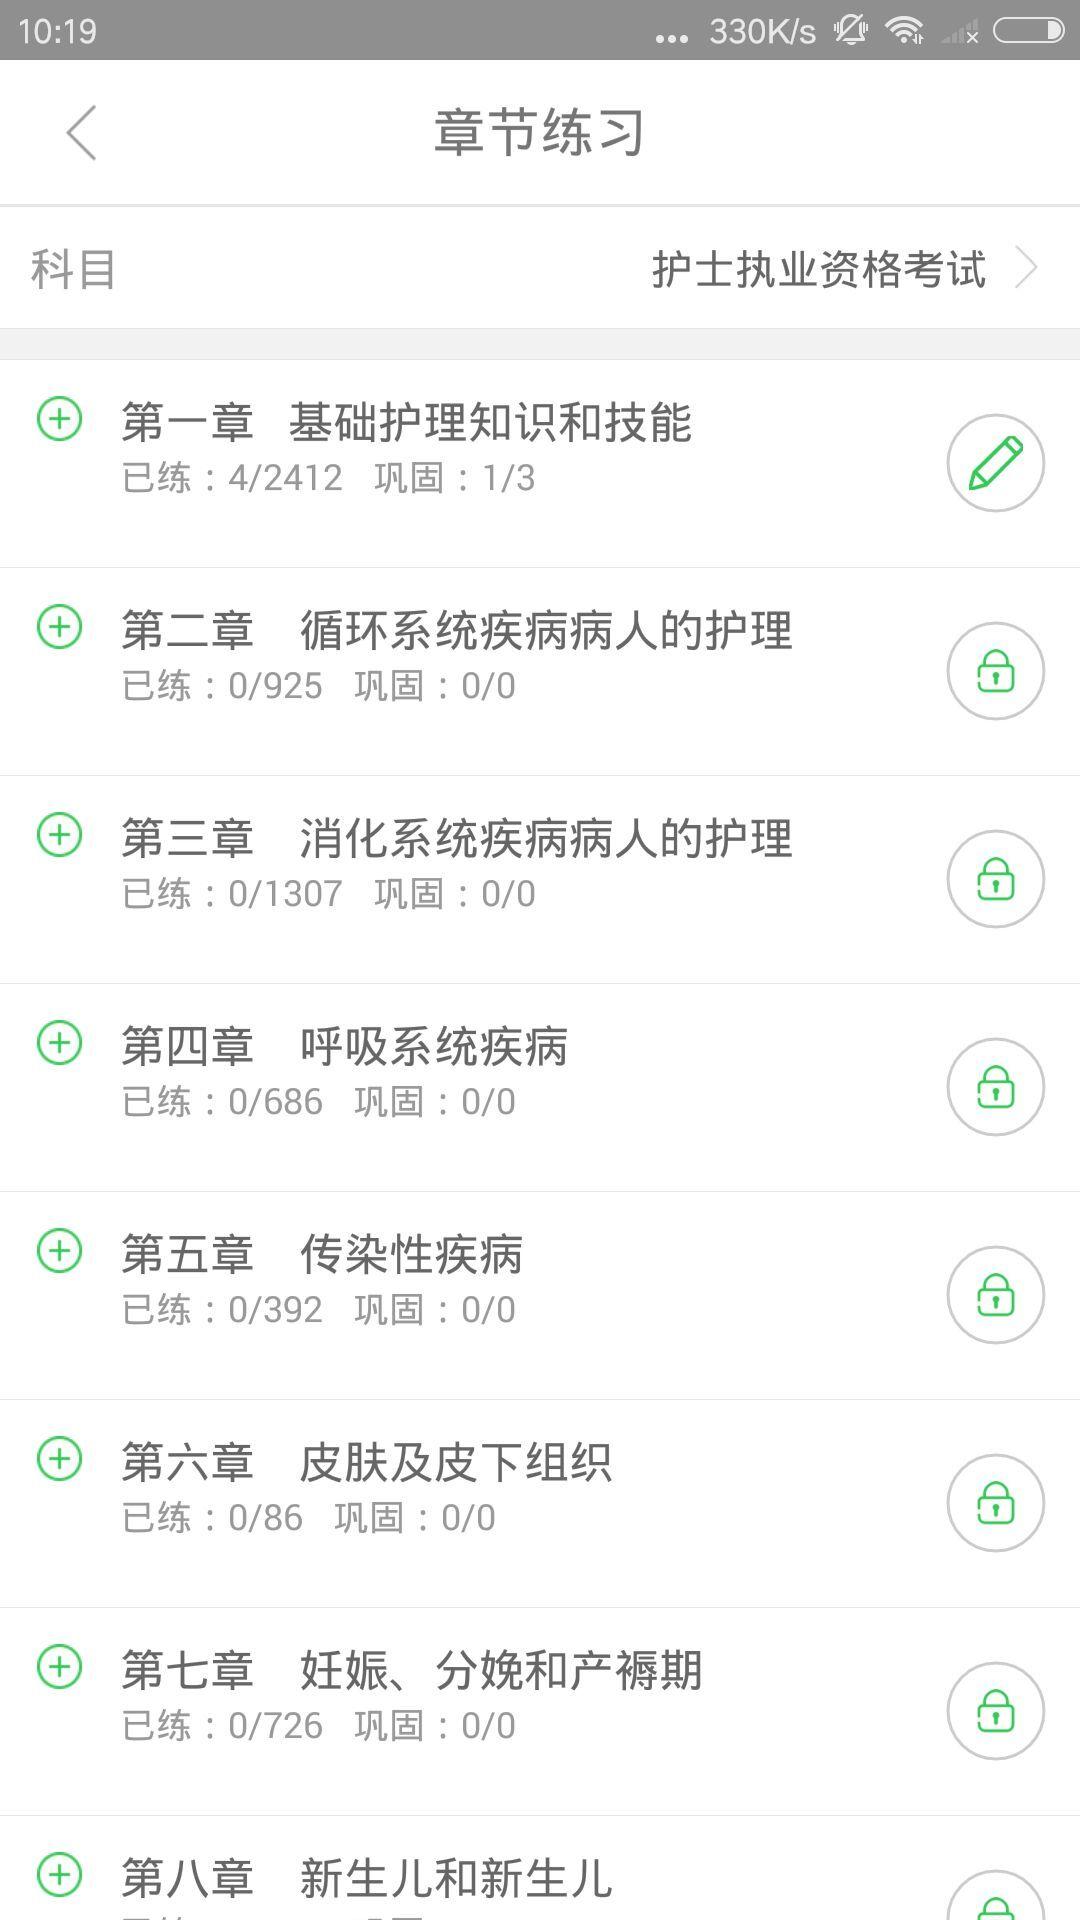 医教研app安卓版 V1.0.2.1